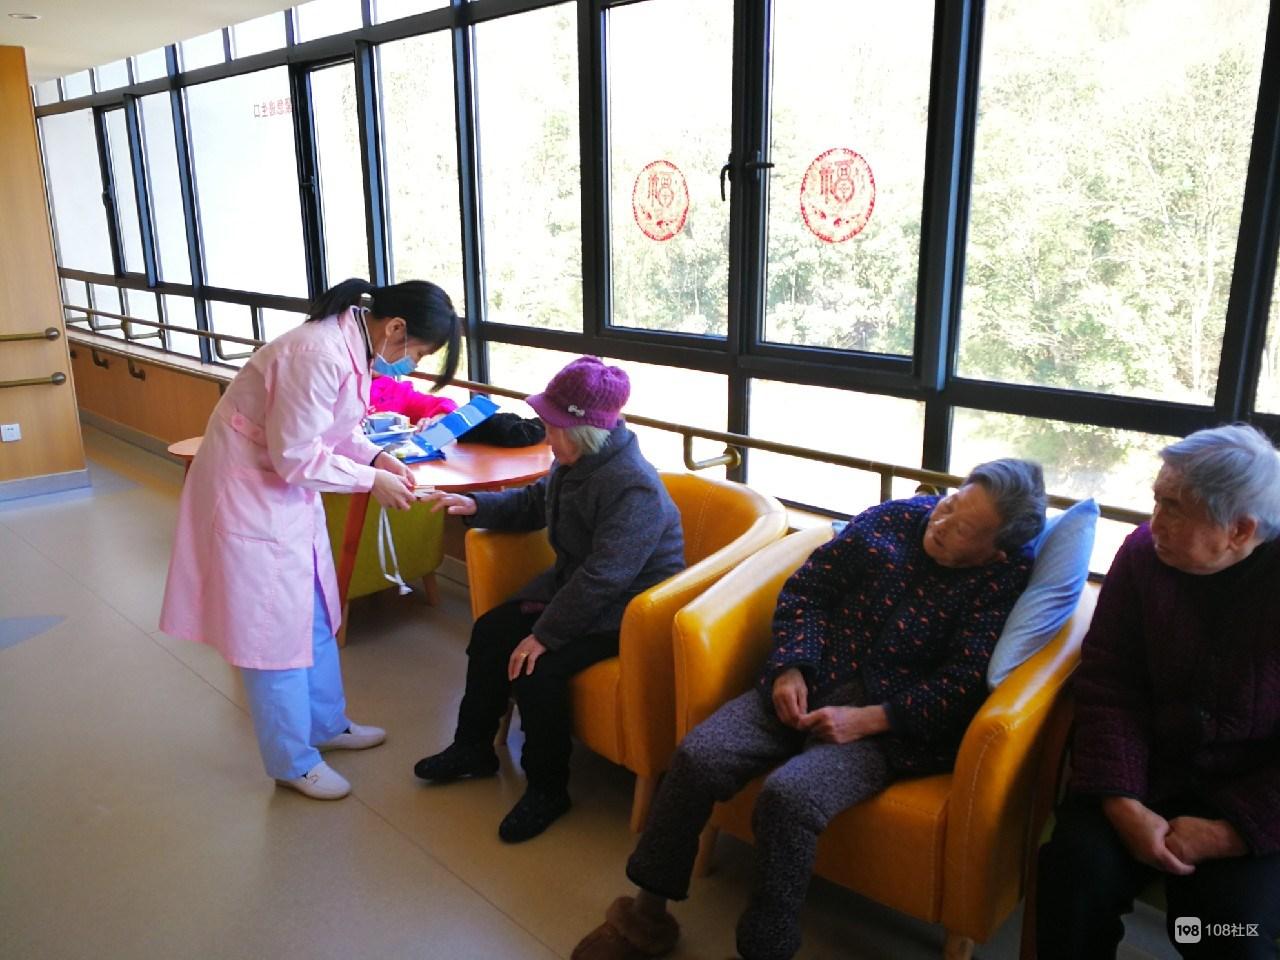 祝普陀康久医院普陀天颐老人之家护士节快乐